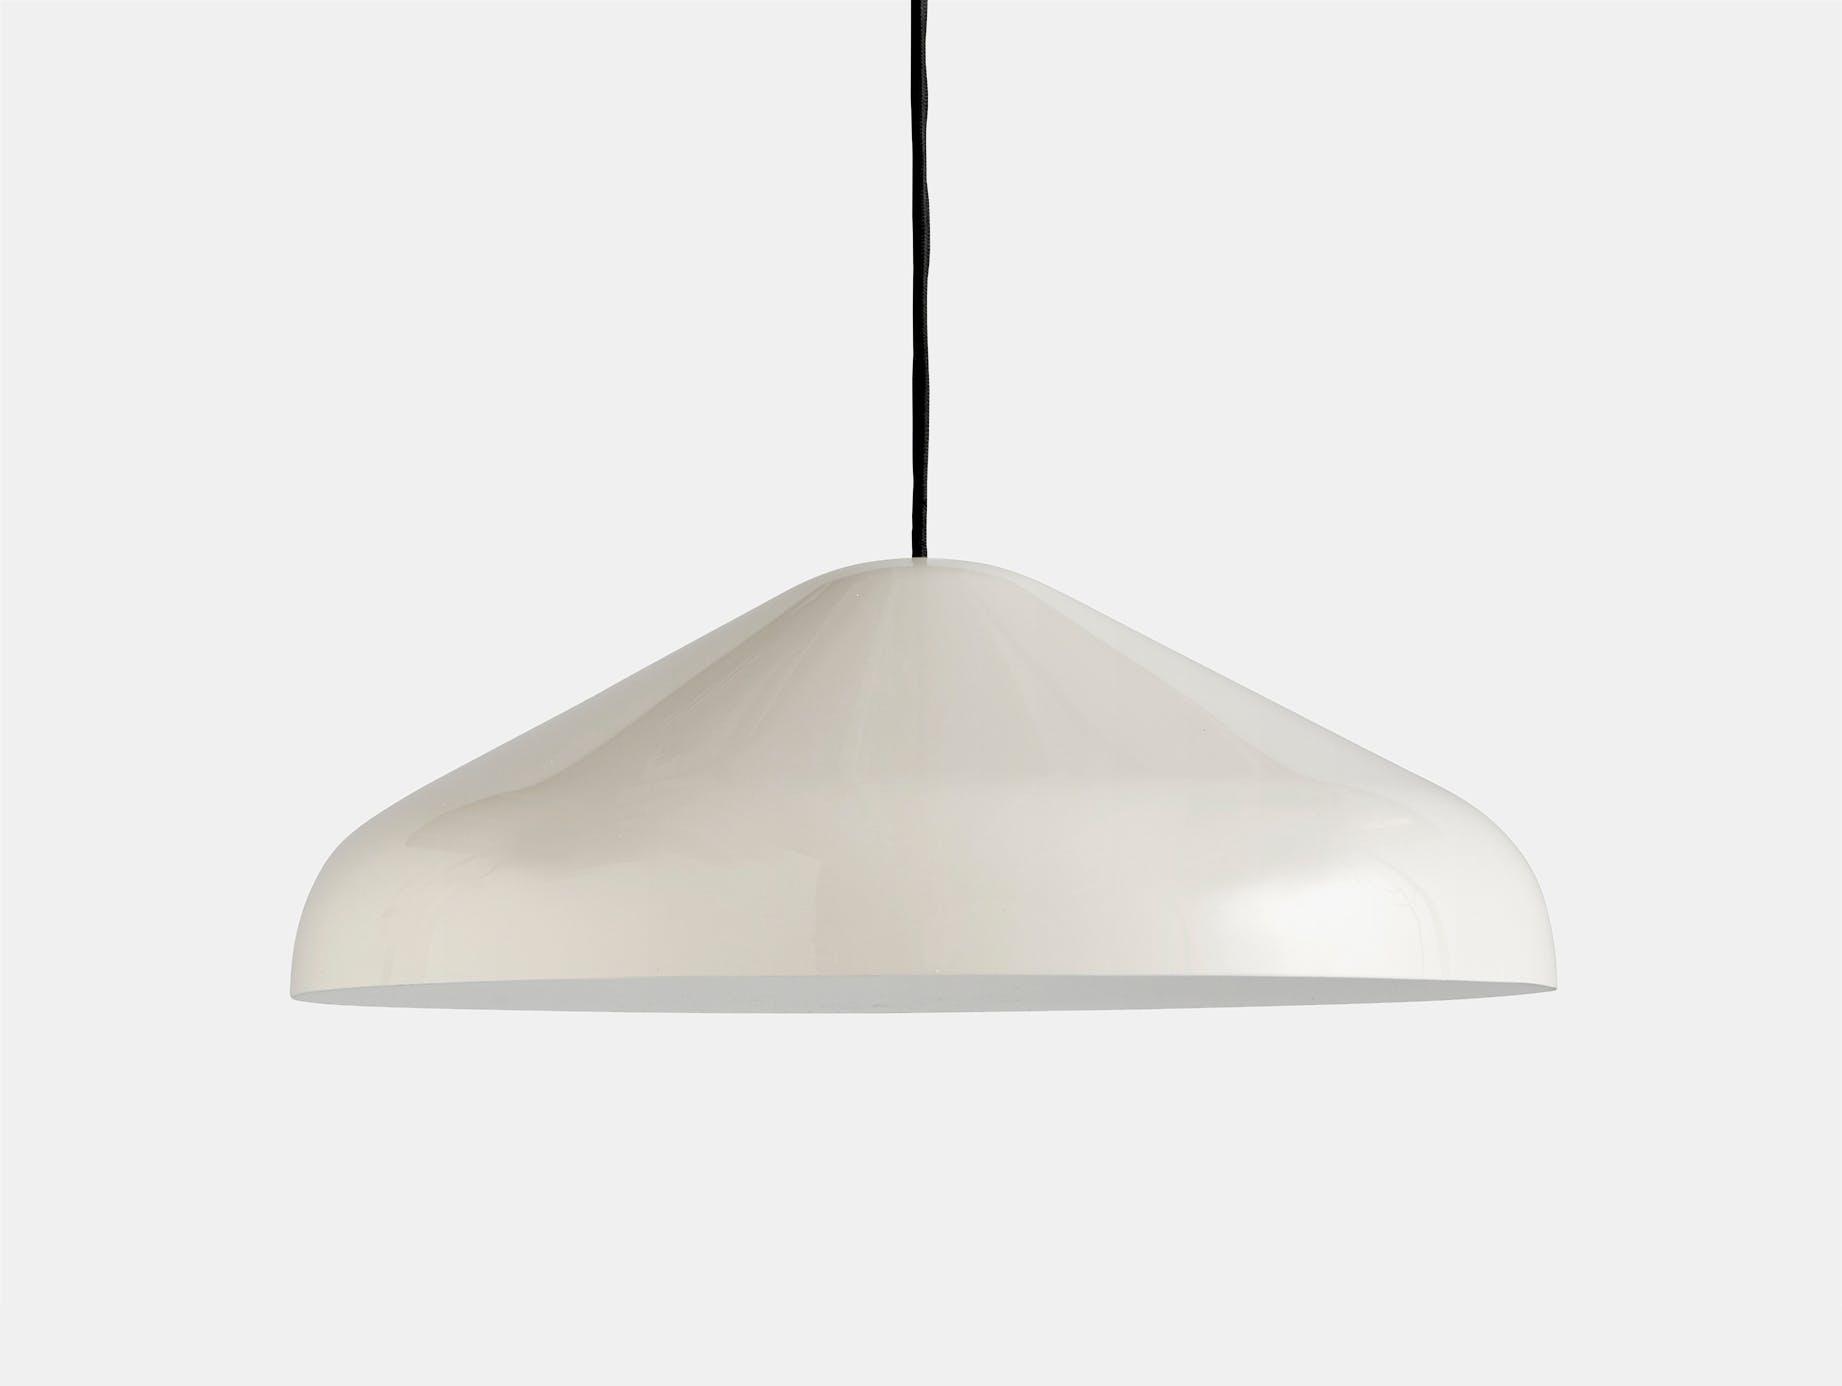 Hay pao steel pendant white 47